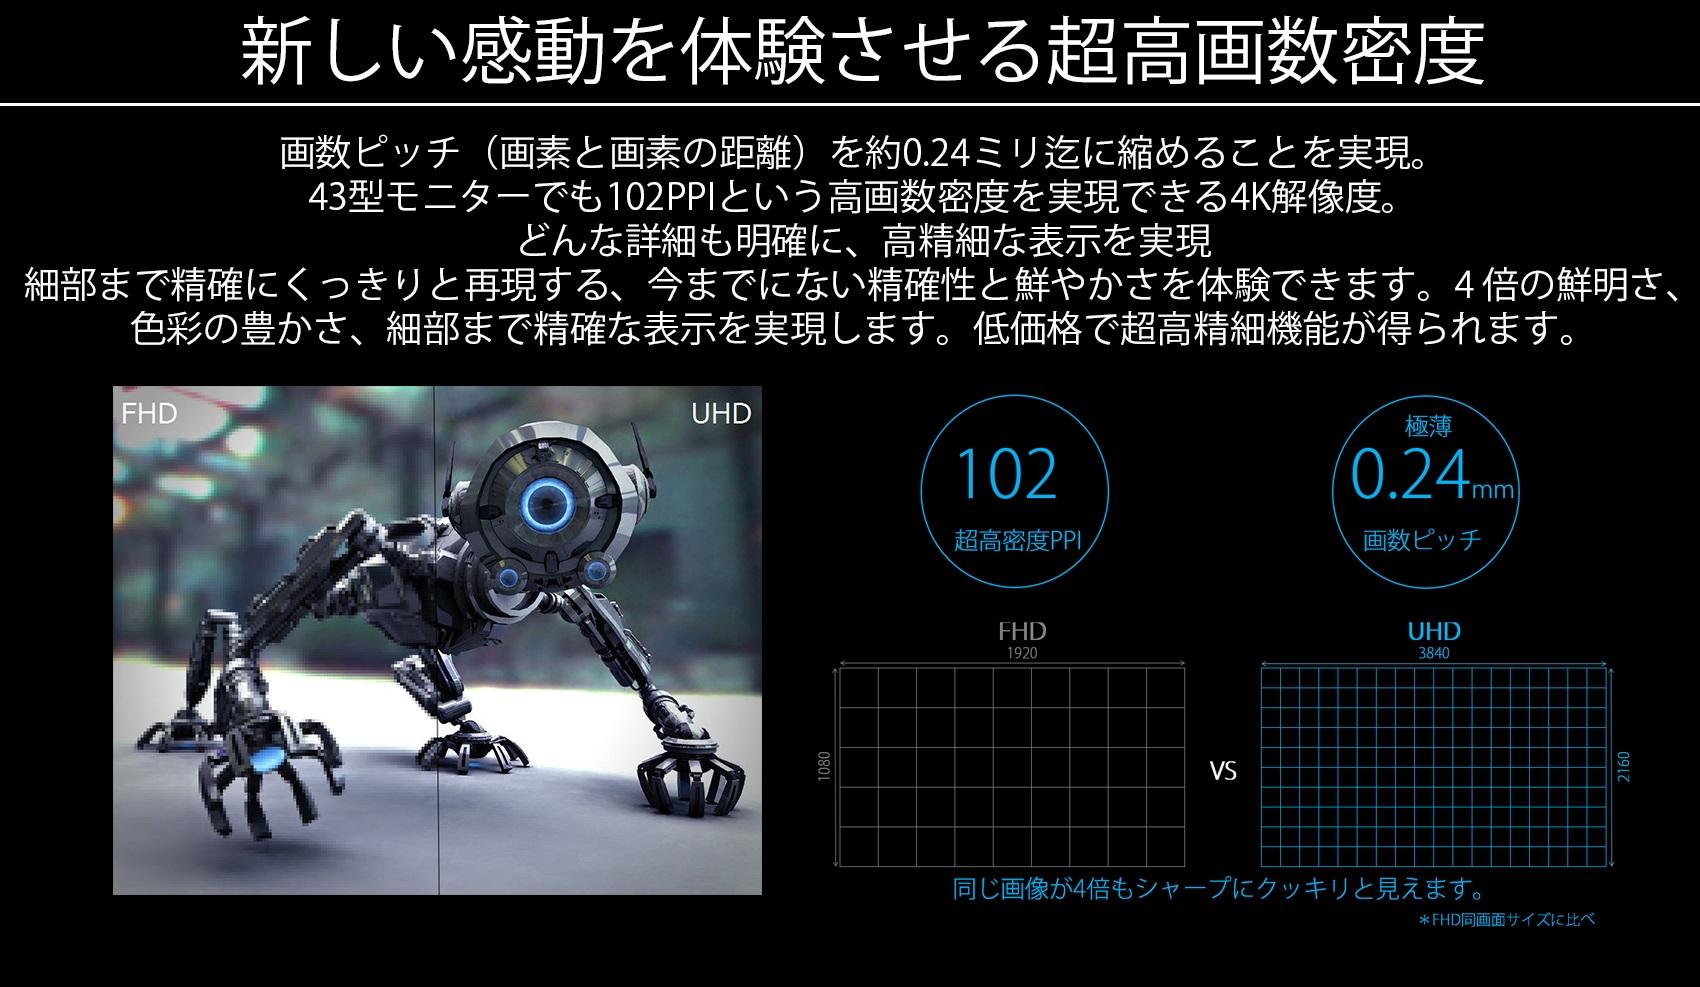 新しい感動を体験させる超高画数密度。画数ピッチ(画素と画素の距離)を43型で約0.31mm 迄に縮めることを実現。43型モニターでも80PPIという大型画面でも高画数密度を実現できる4K解像度。80PPIは21.5インチのFHD画面とほぼ同じ密度となります。大型画面でも詳細も明確に、高精細な表示を実現。